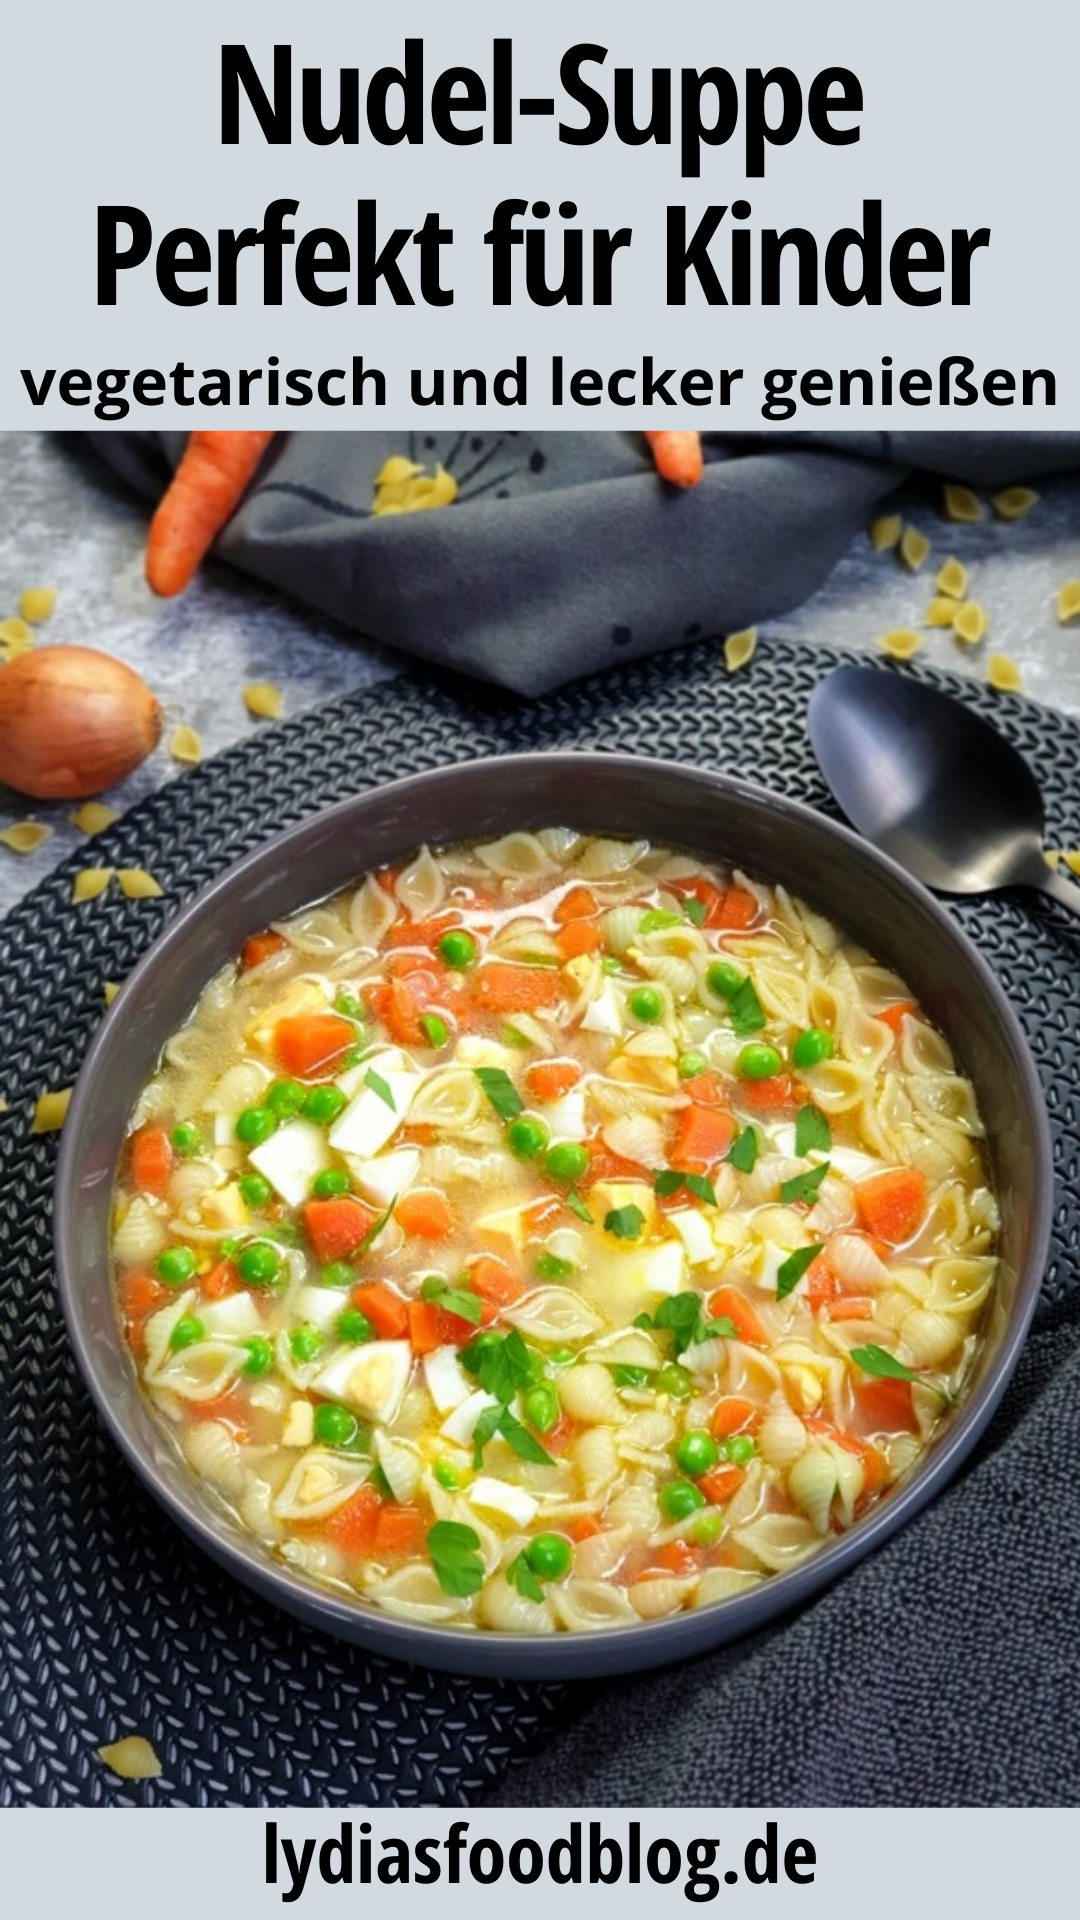 Bunte Nudel Suppe mit Gemüse, super einfach